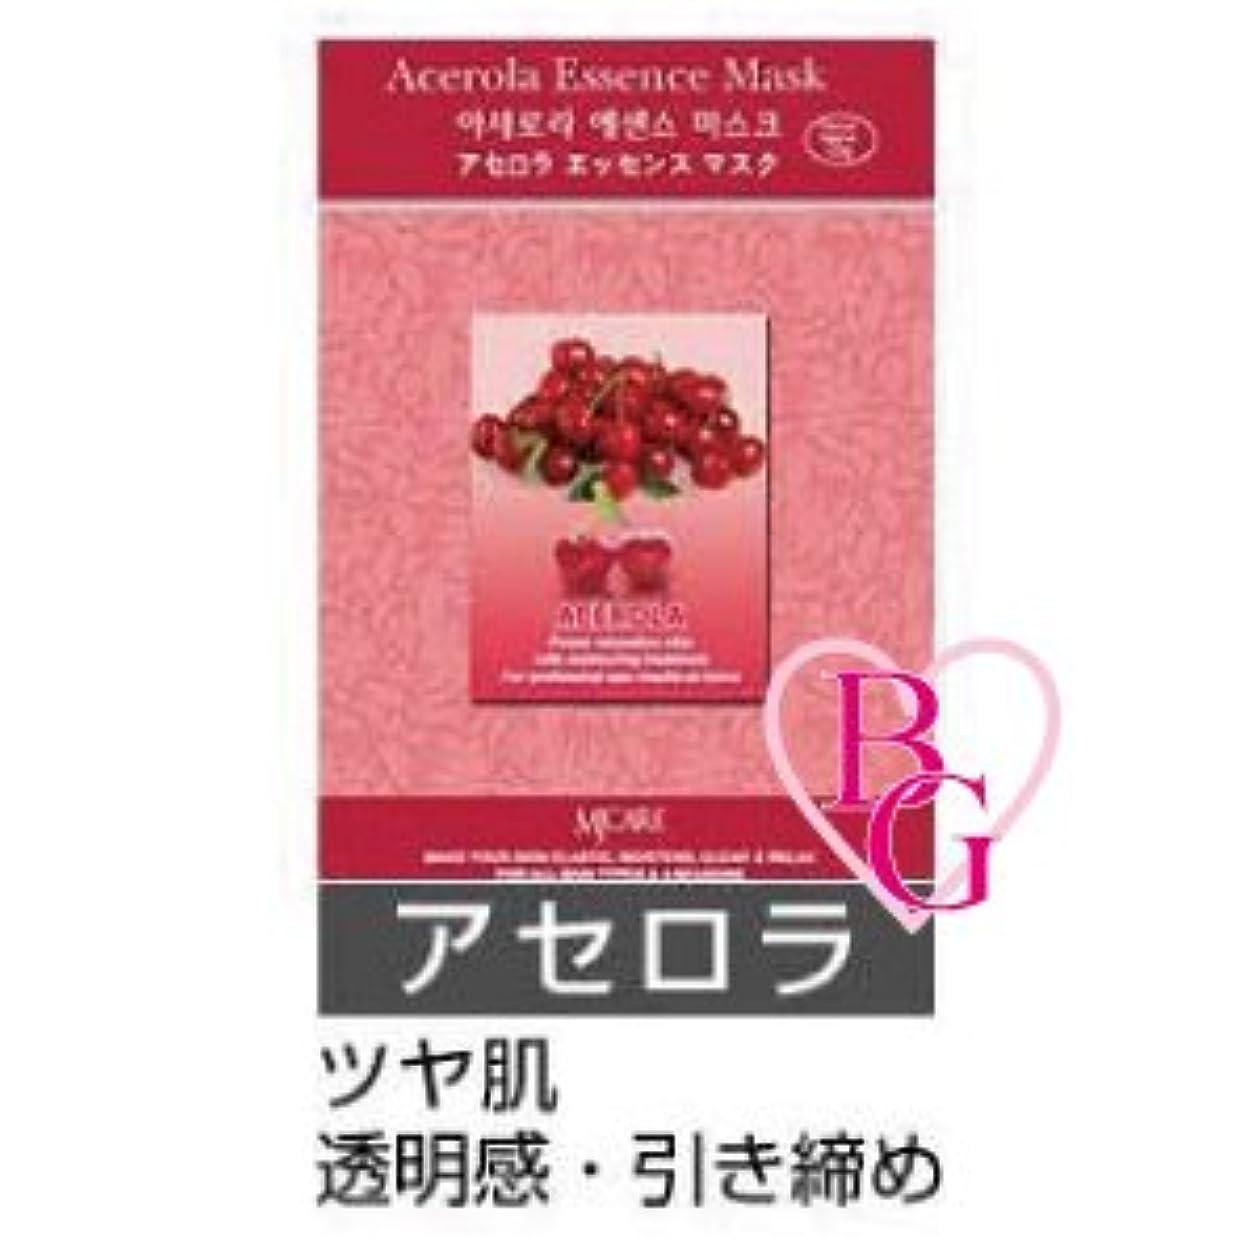 フェイスパック アセロラ 韓国コスメ MIJIN(ミジン)コスメ 口コミ ランキング No1 おすすめ シートマスク 100枚